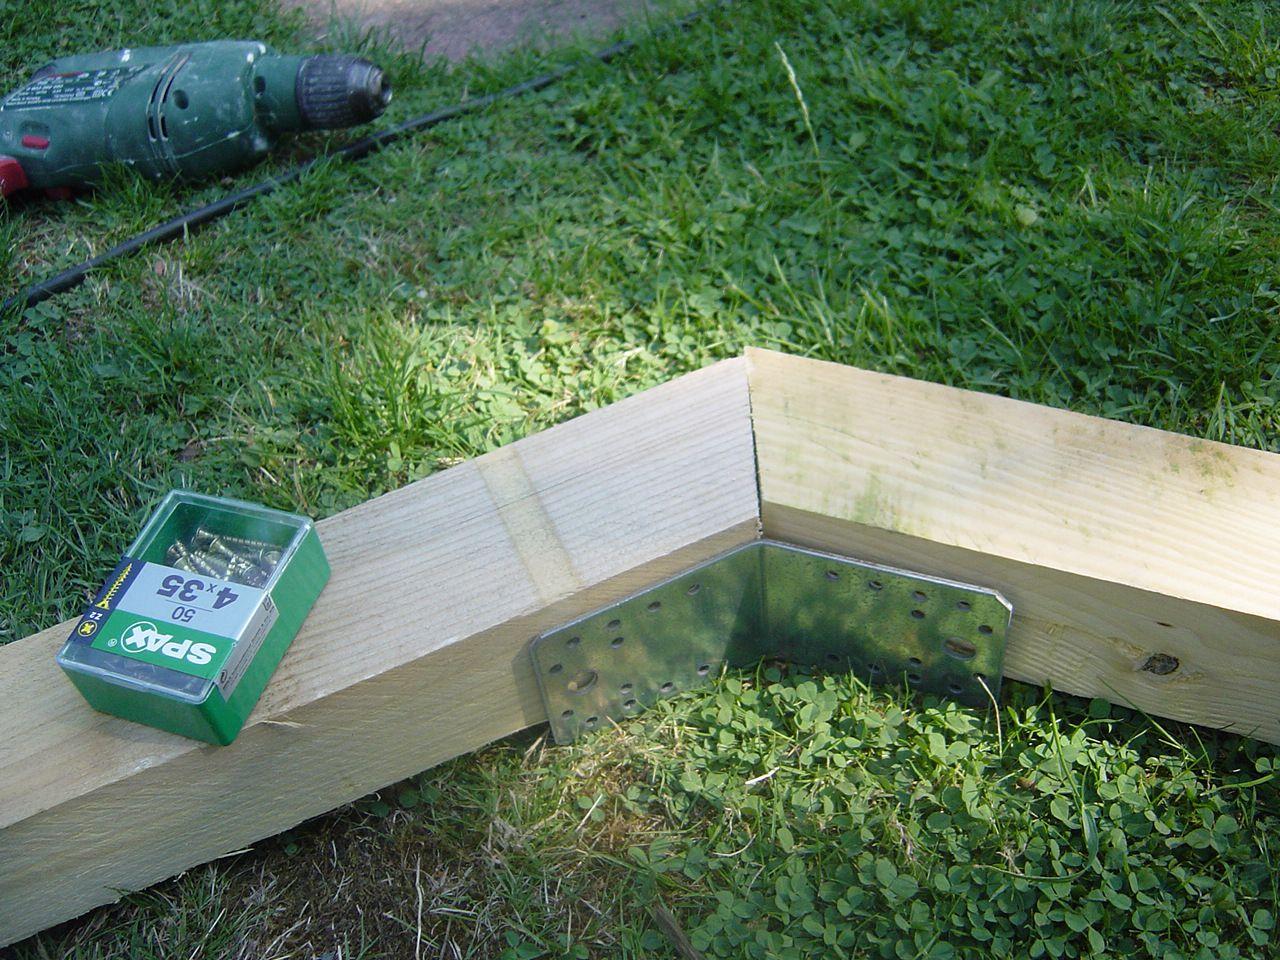 Comment Fabriquer Un Chassis En Bois comment fabriquer son support à hamac en bois ? - la maison